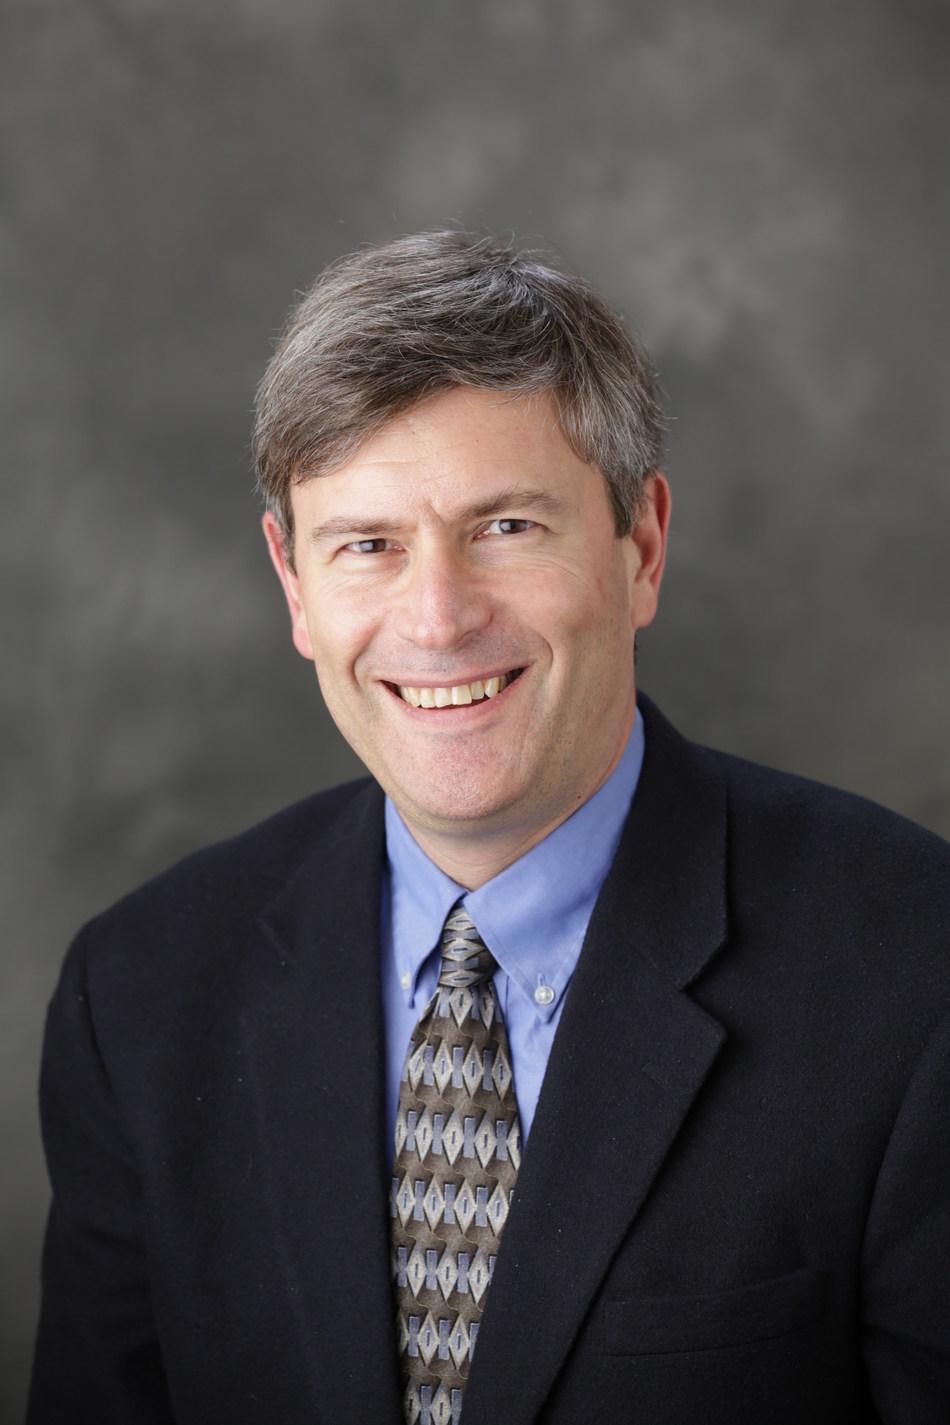 Dr. Russell N. Van Gelder, MD, PhD